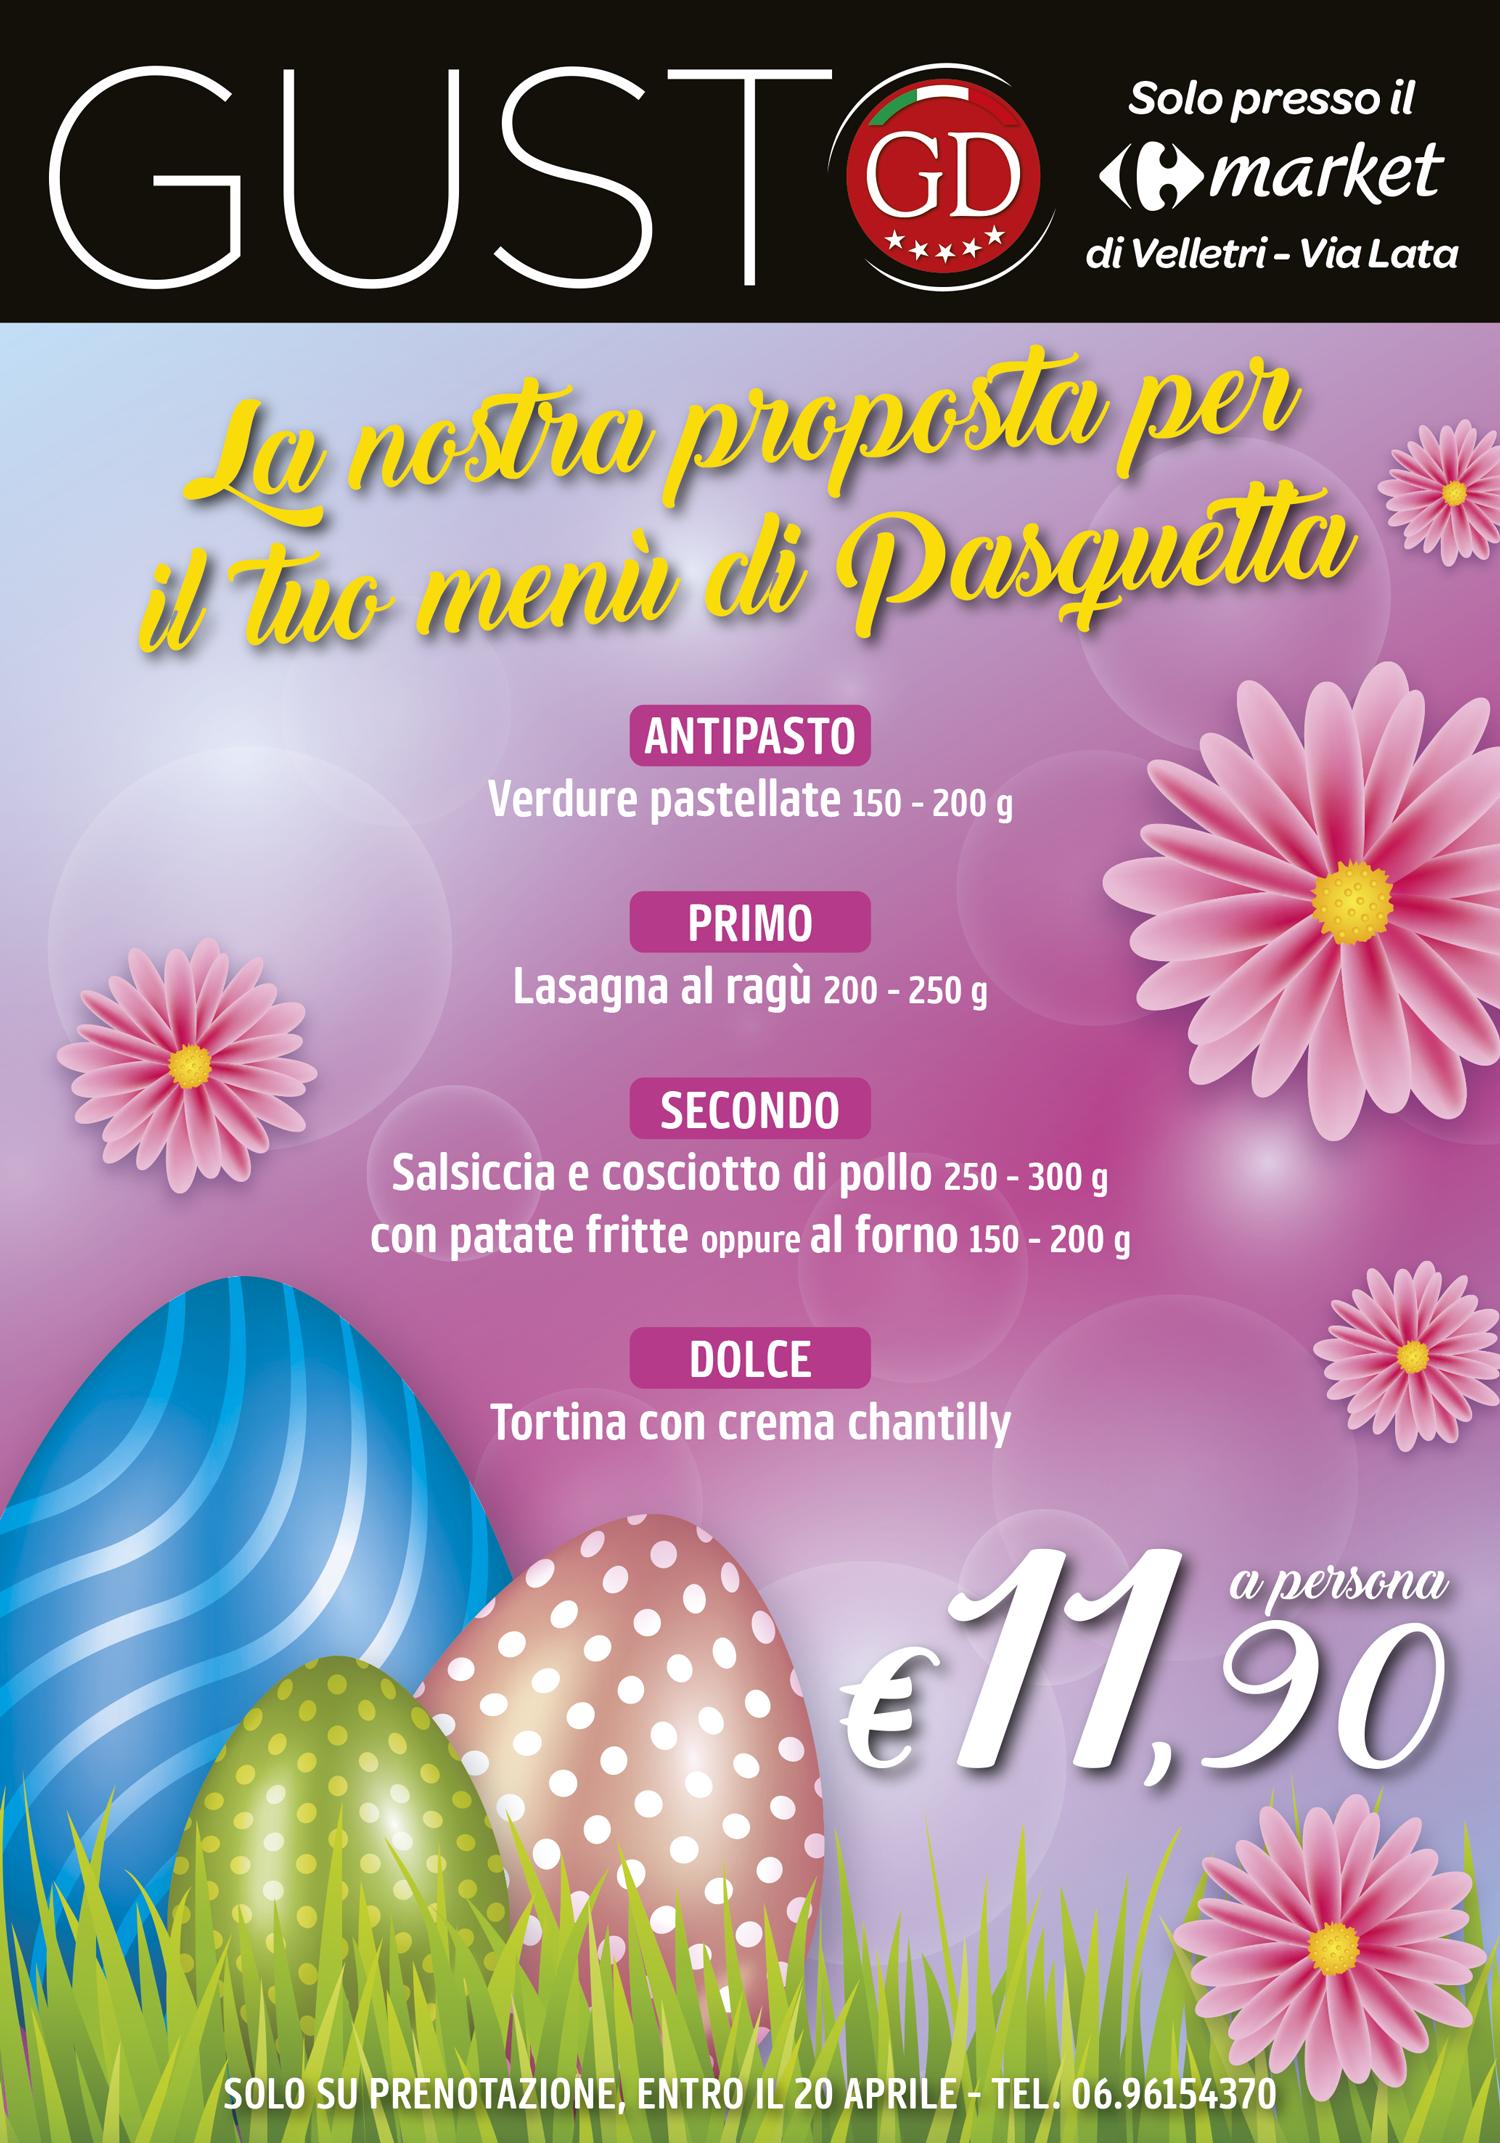 gusto-gd_velletri-via-lata_tavola-calda-pinseria-pasquetta